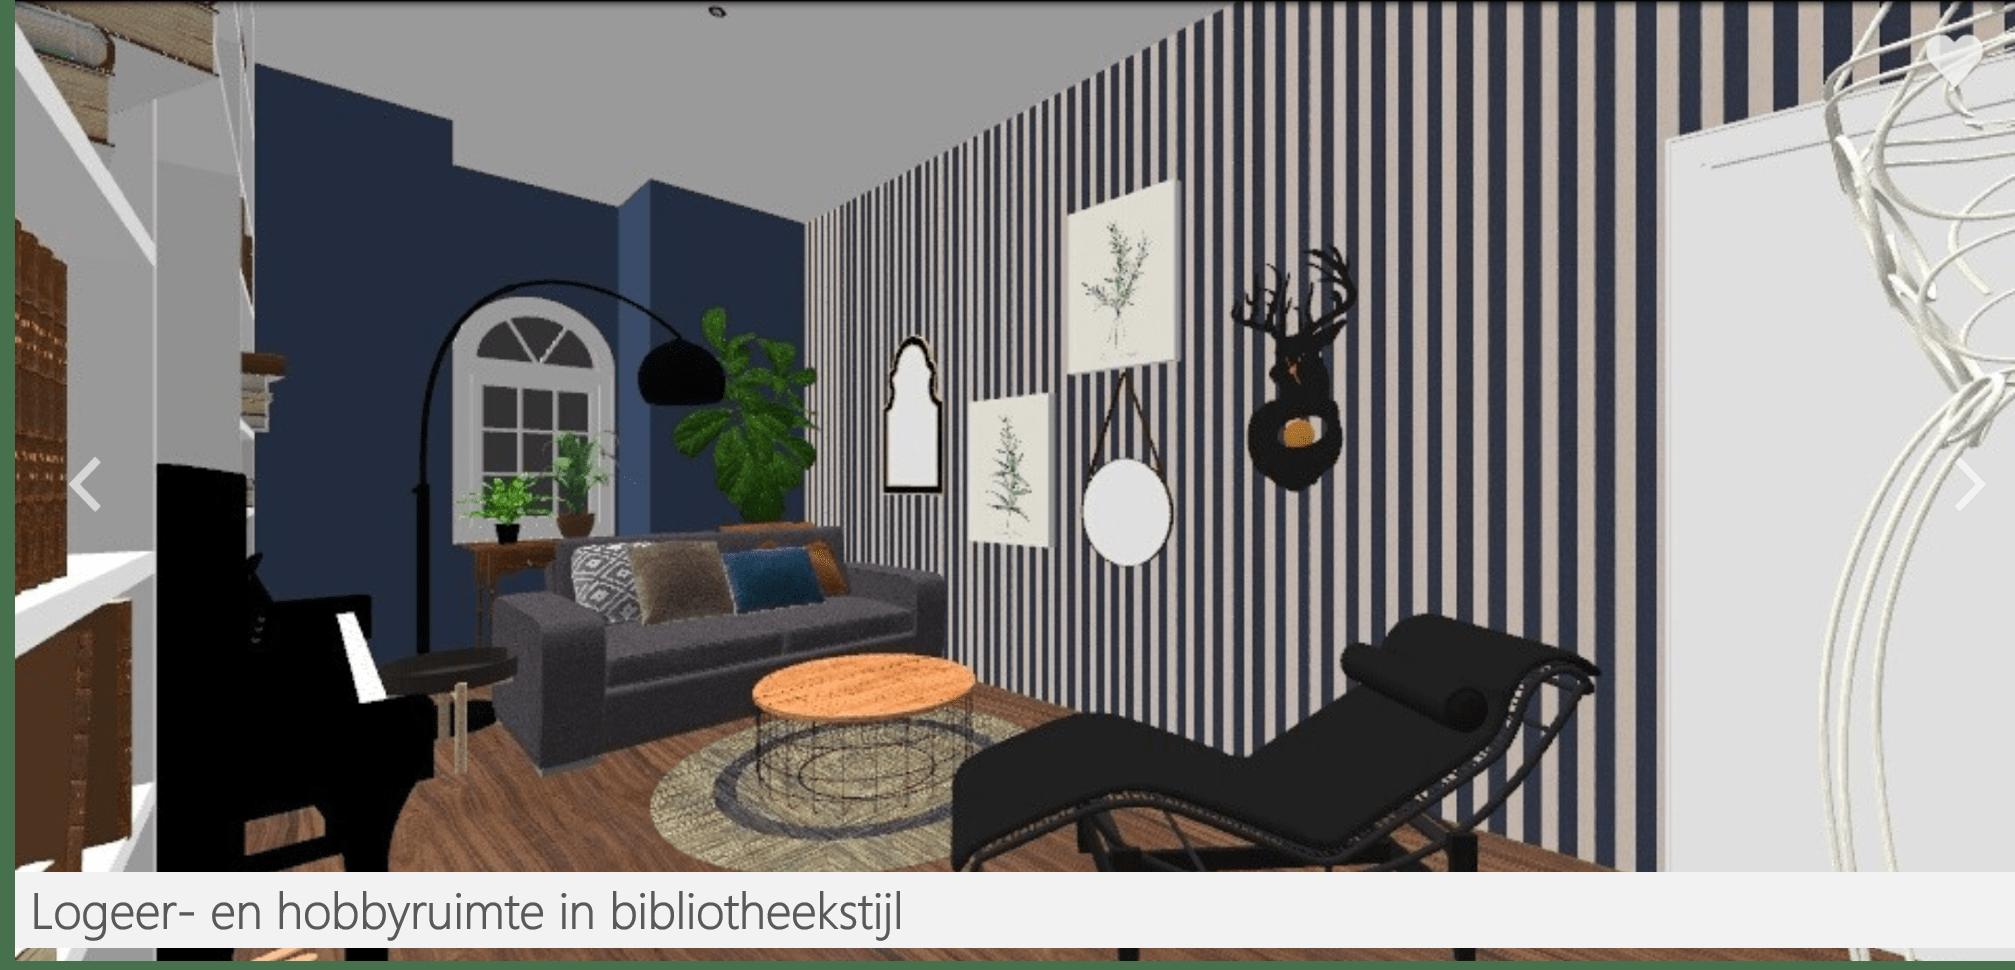 Huisjethuisje-logeerkamer-hobbykamer-bibliotheekstijl-min